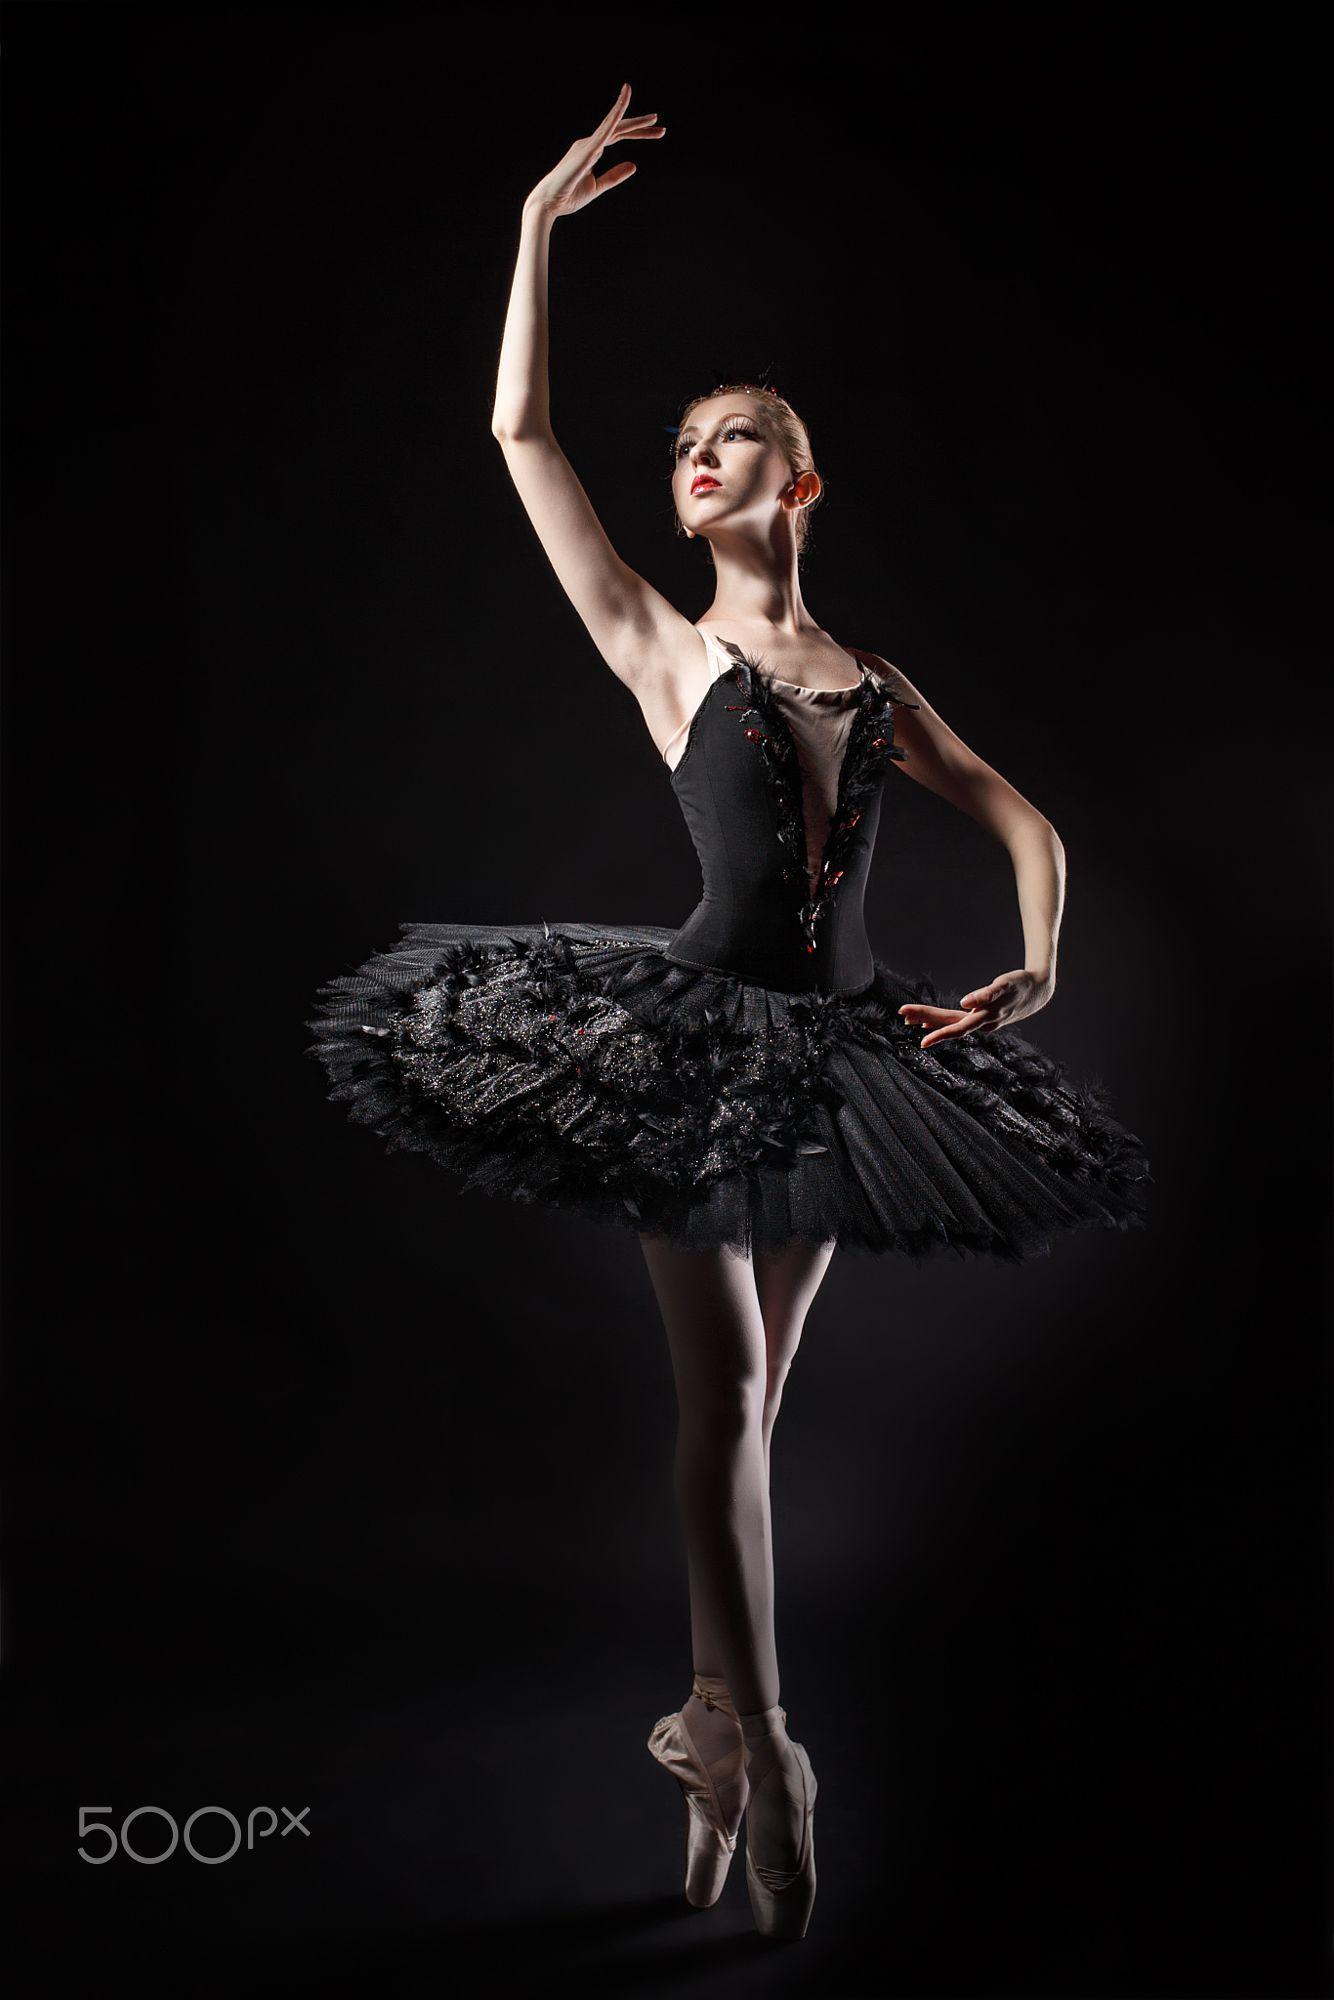 Порно балерина танцует в черной пачке смотреть #15